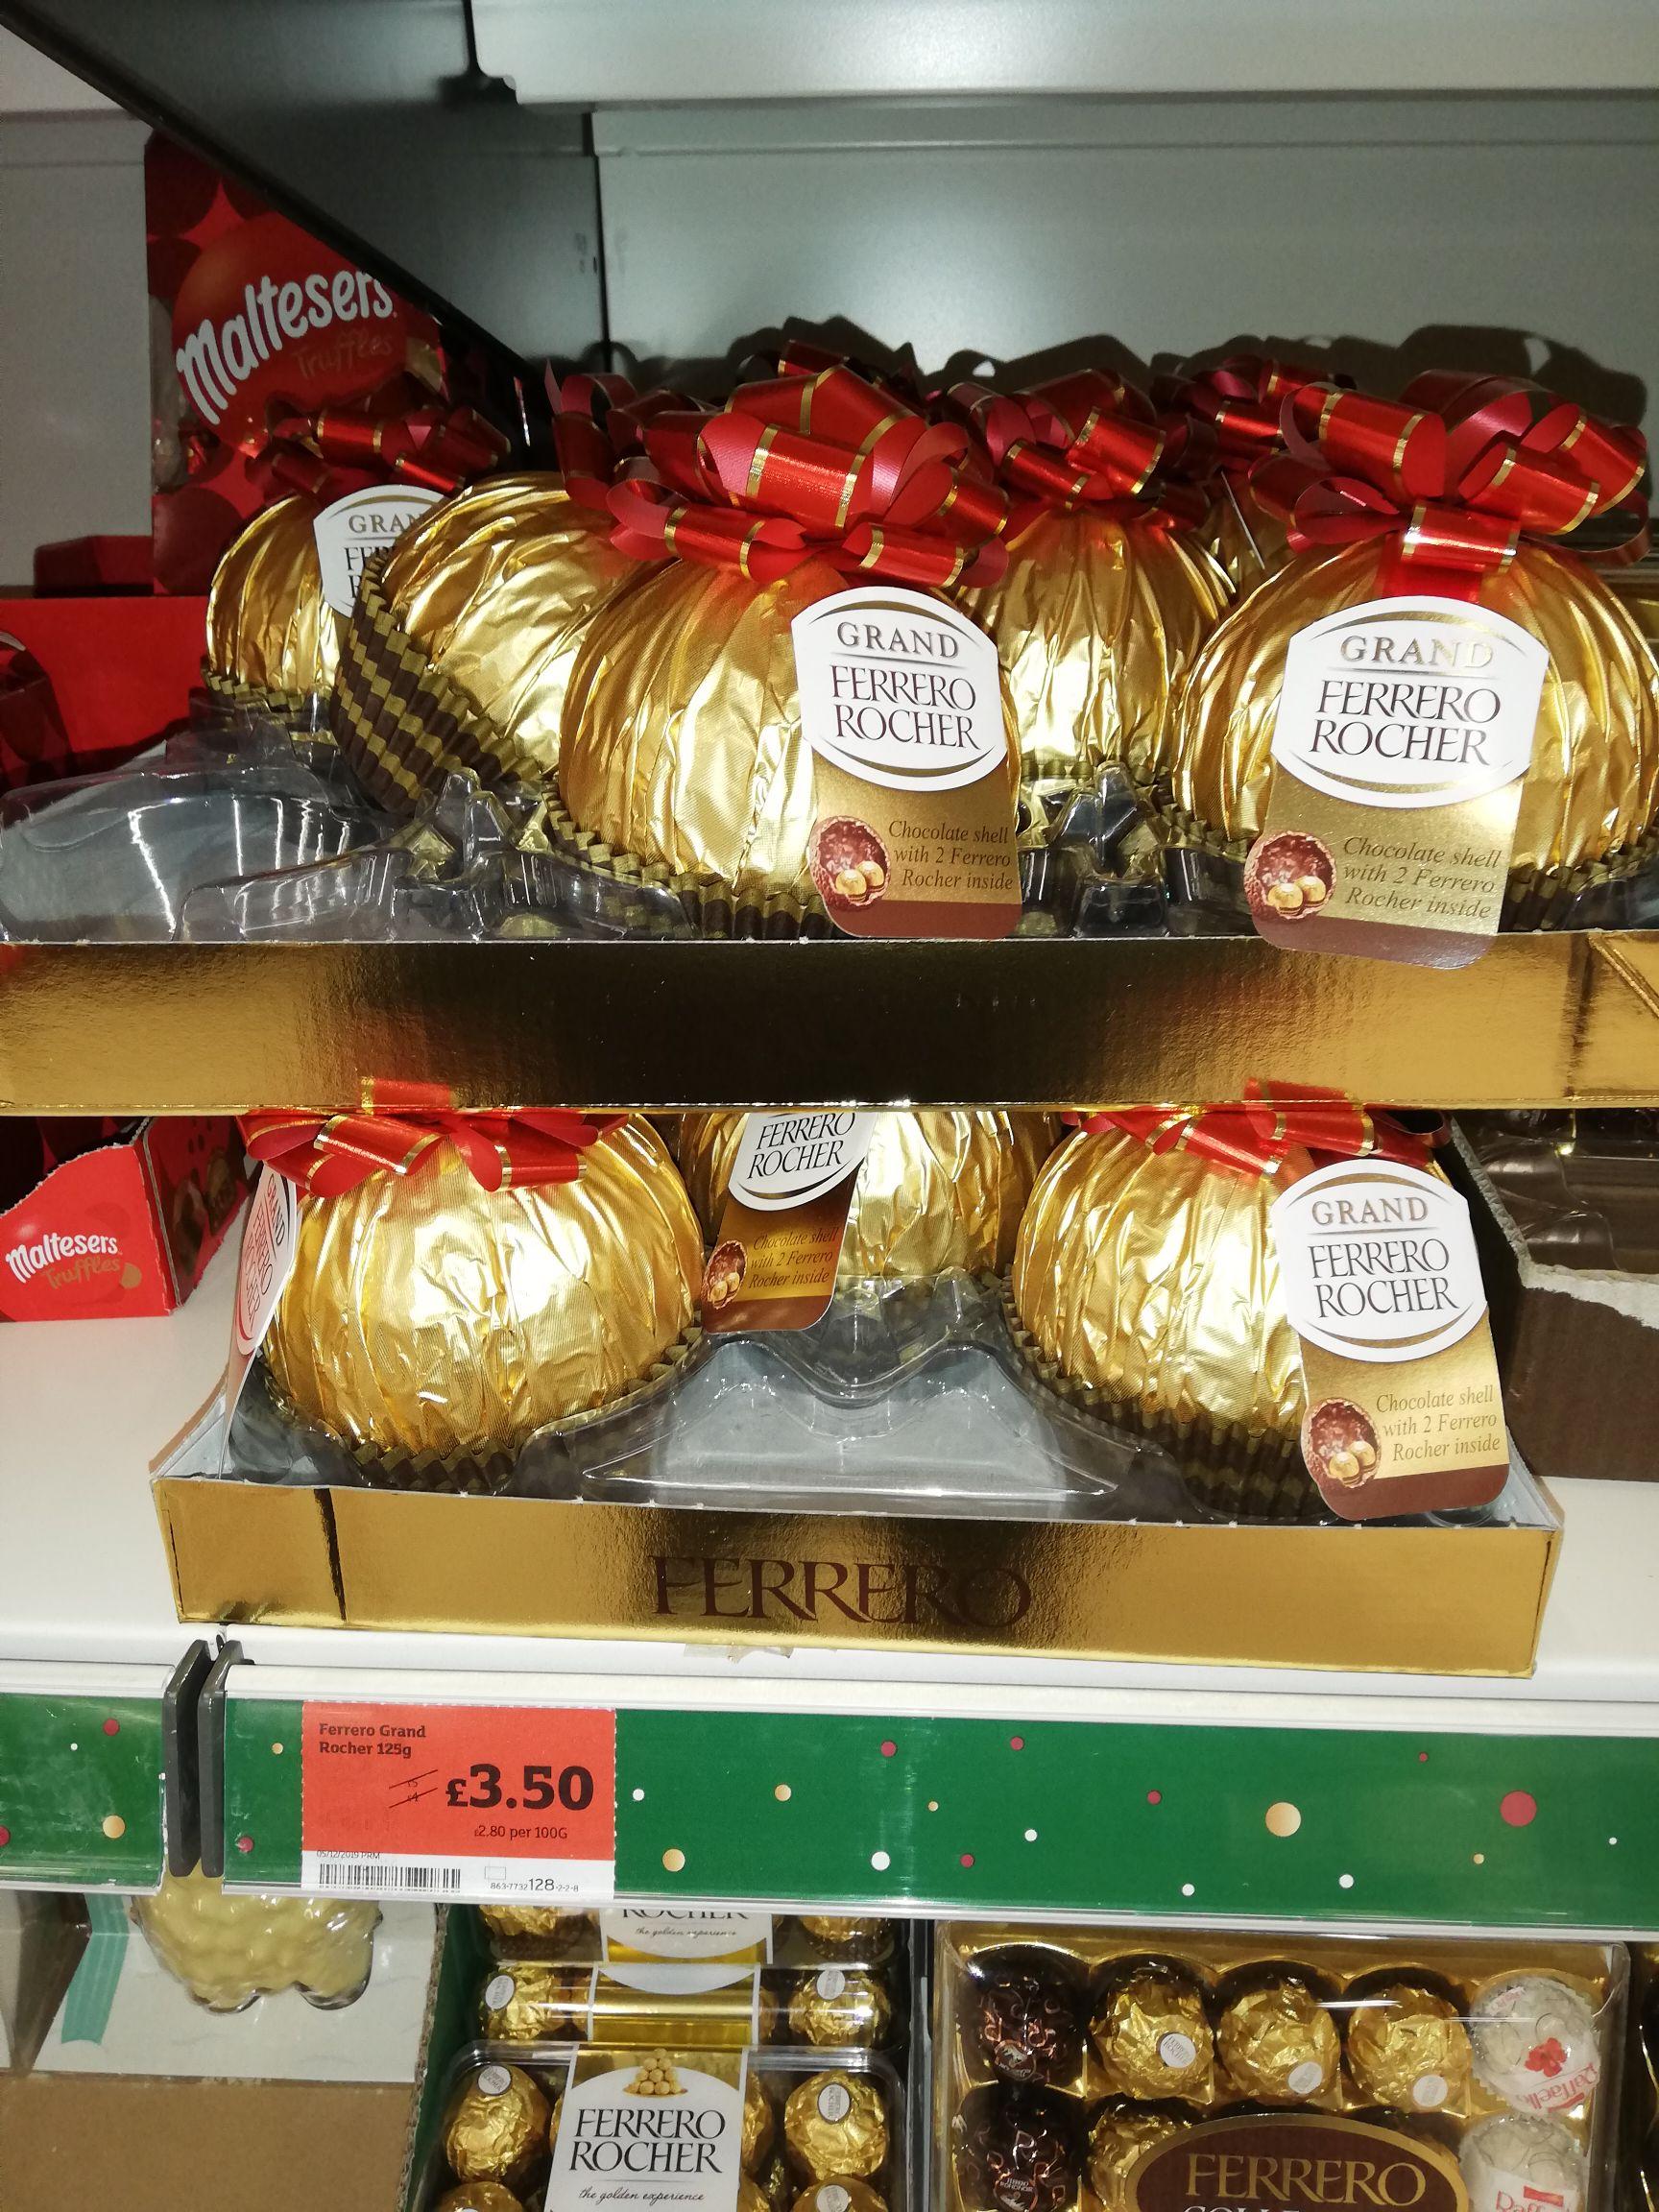 Ferrero Grand Rocher - £3.50 instore @ Sainsbury's (Matlock)